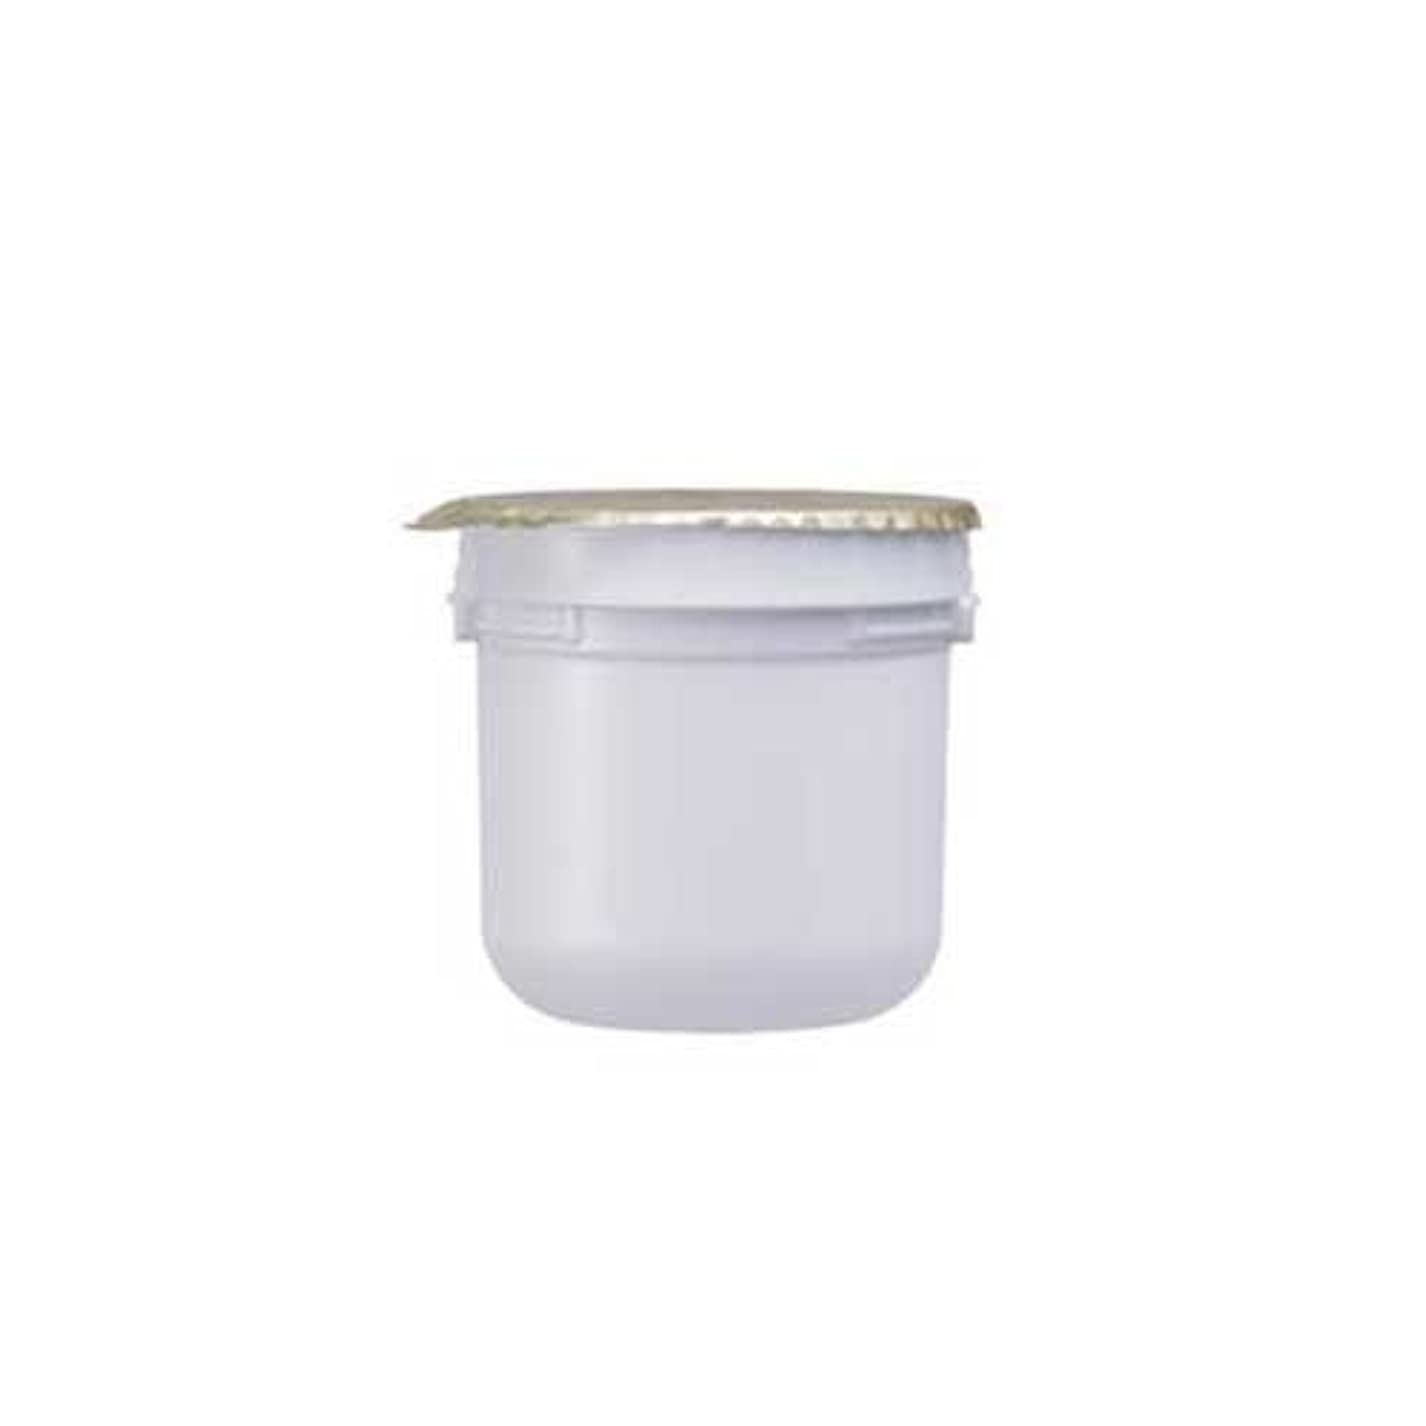 一時的実験受取人ASTALIFT(アスタリフト) ホワイト クリーム(美白クリーム)レフィル 30g